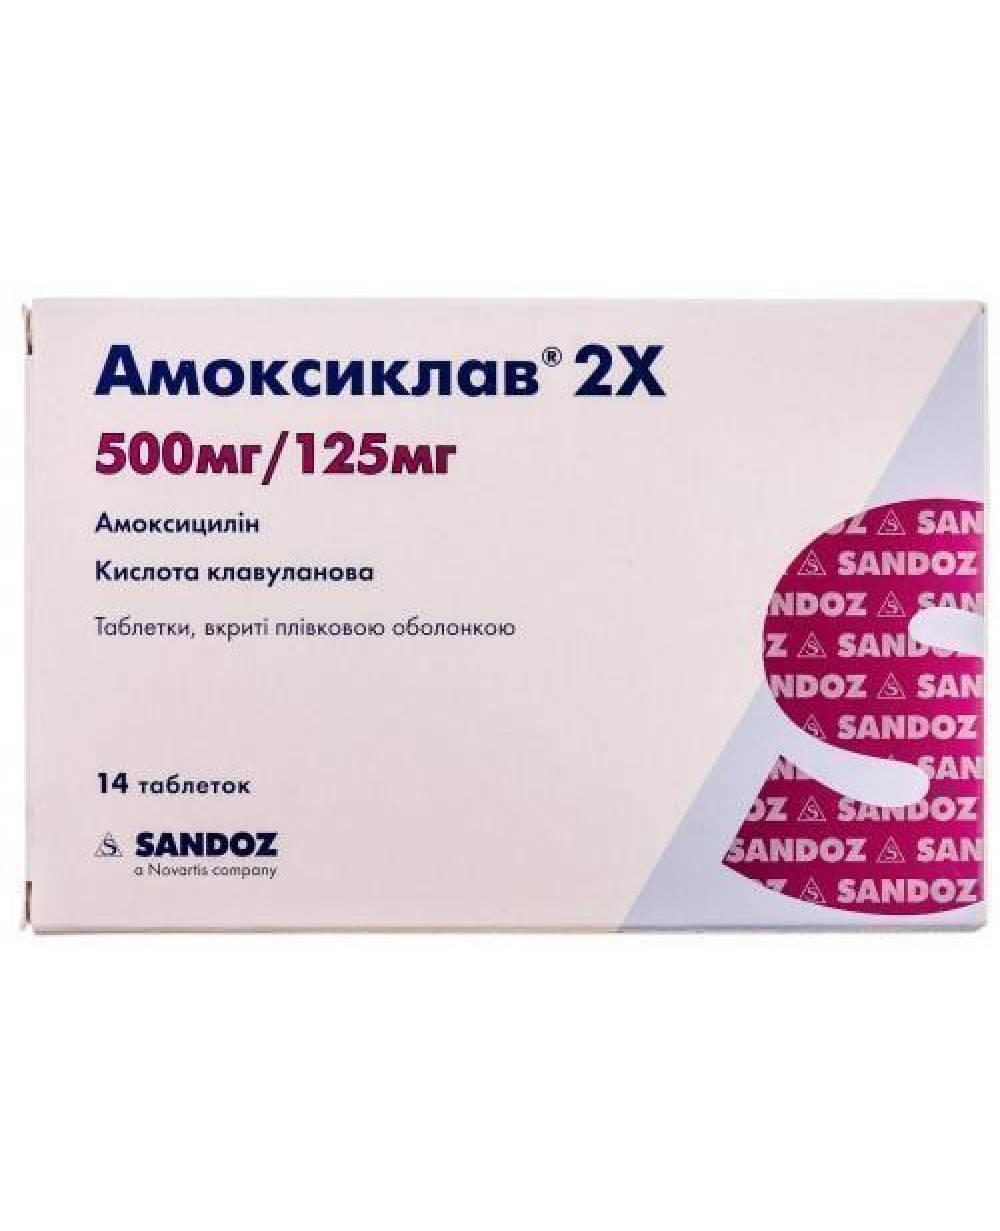 Антибиотик от бронхита амоксициллин